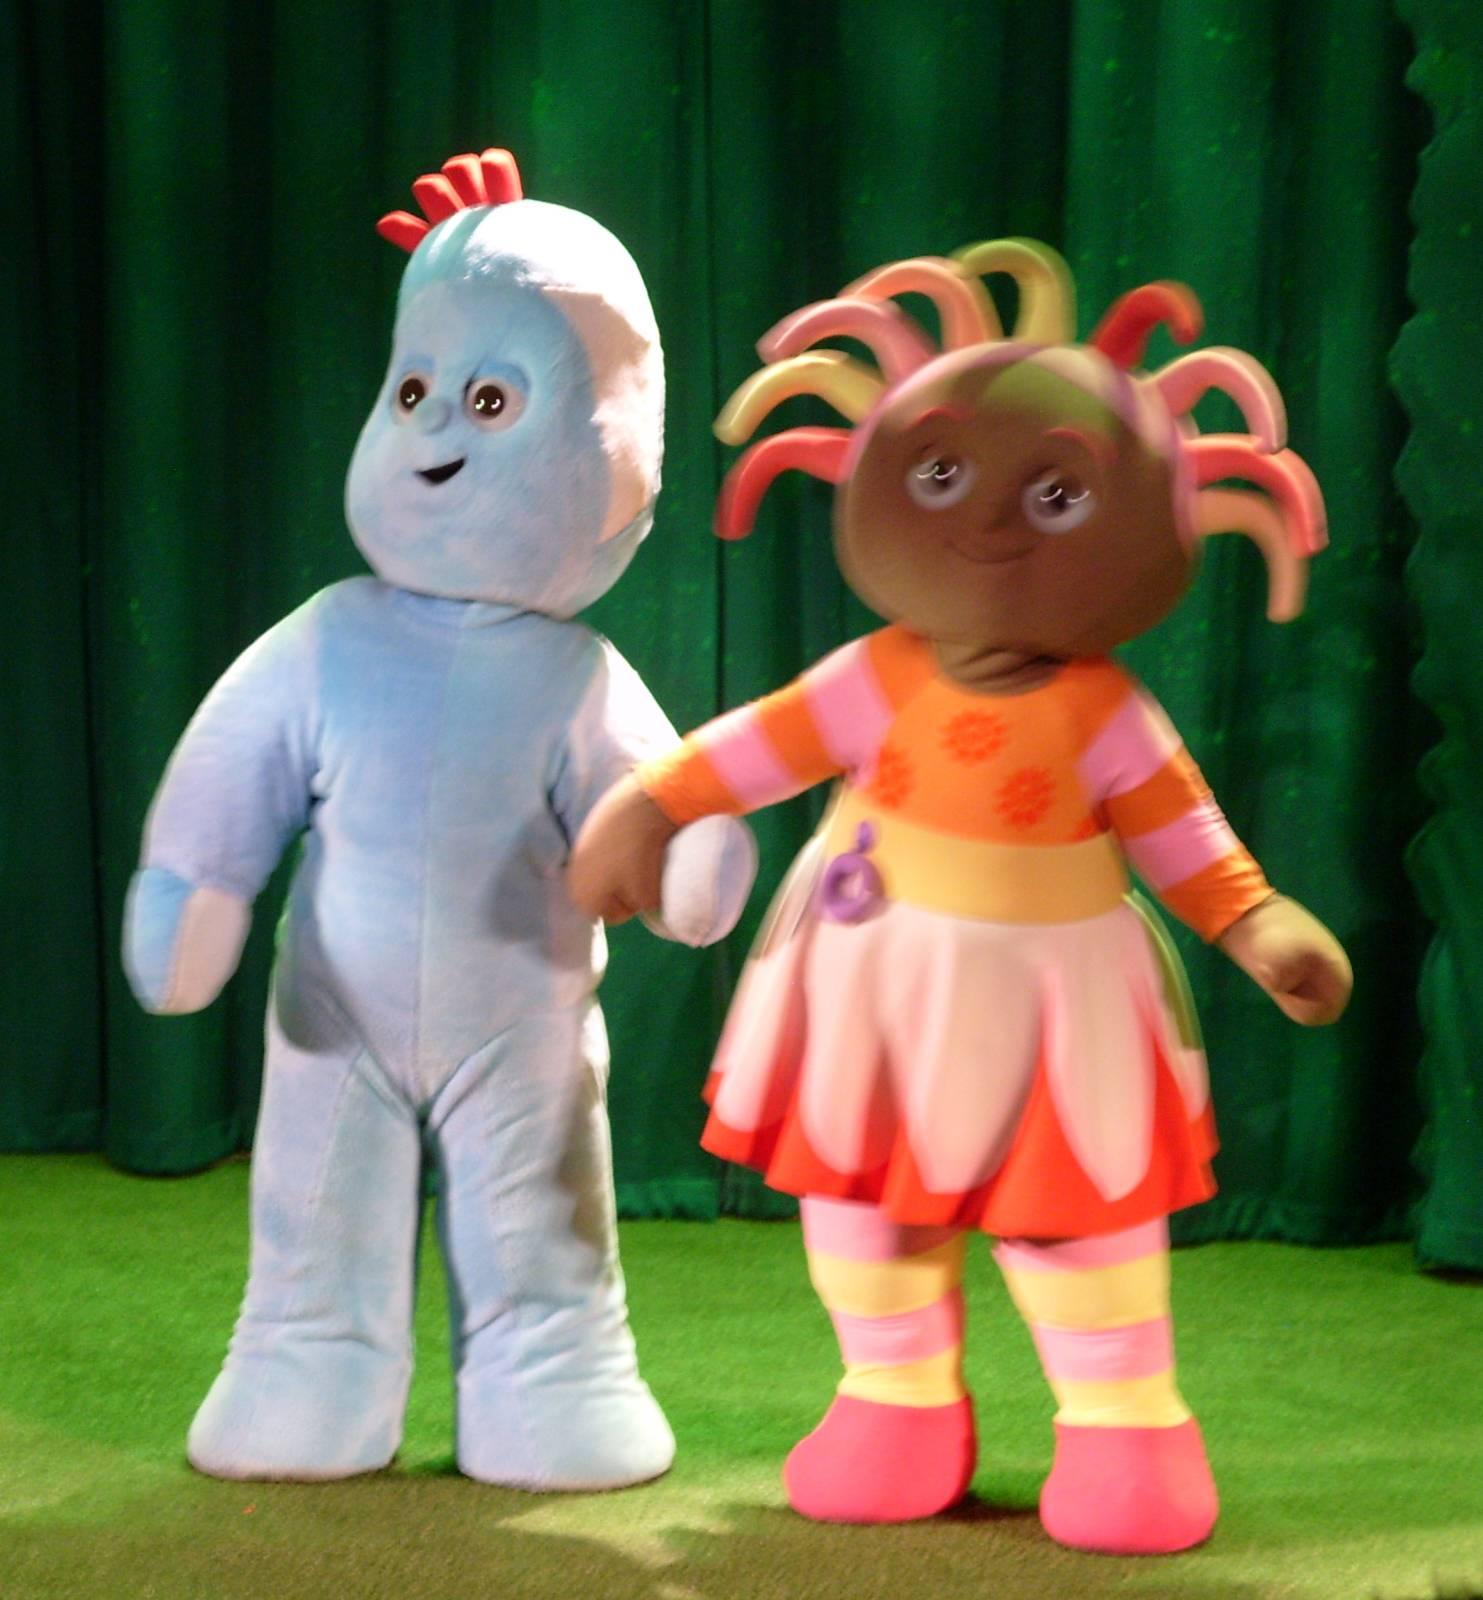 http://3.bp.blogspot.com/_HUgg4xyCD50/THa-iBcacKI/AAAAAAAAEP0/jo8C-OEkDos/s1600/Igglepiggle+Upsy+Daisy.jpg